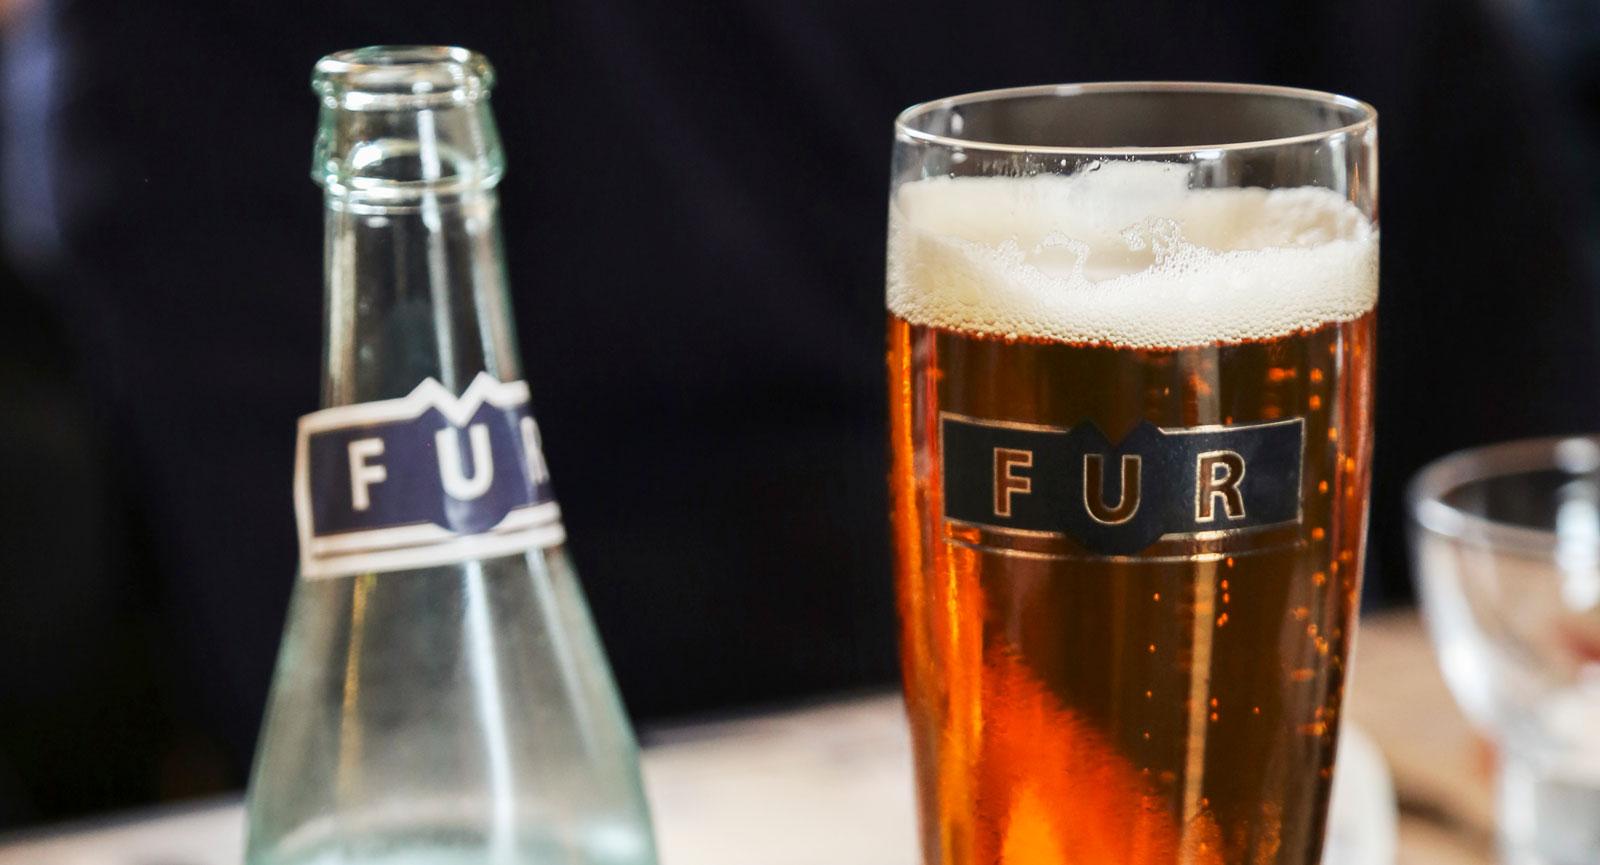 På Fur Bryghus kan man både äta och dricka gott. Utöver öl tillverkas även vatten och starkvaror här.